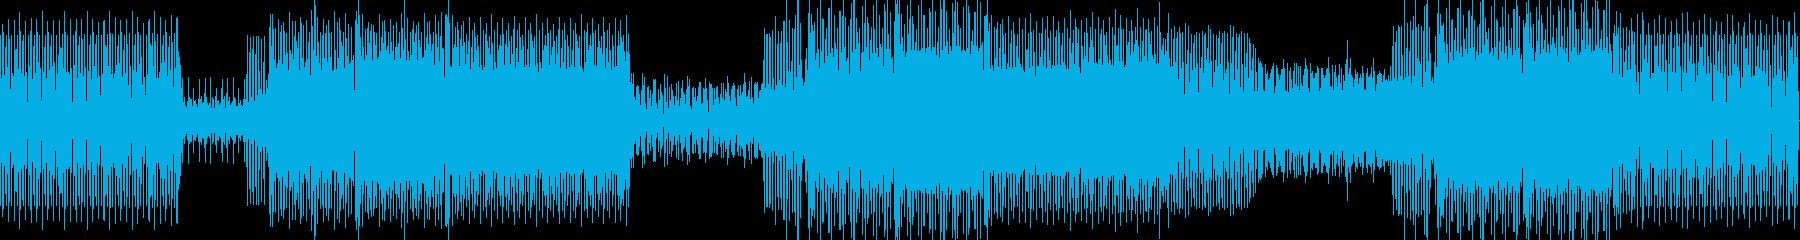 ハウスコマーシャル-ハウスディスコ...の再生済みの波形